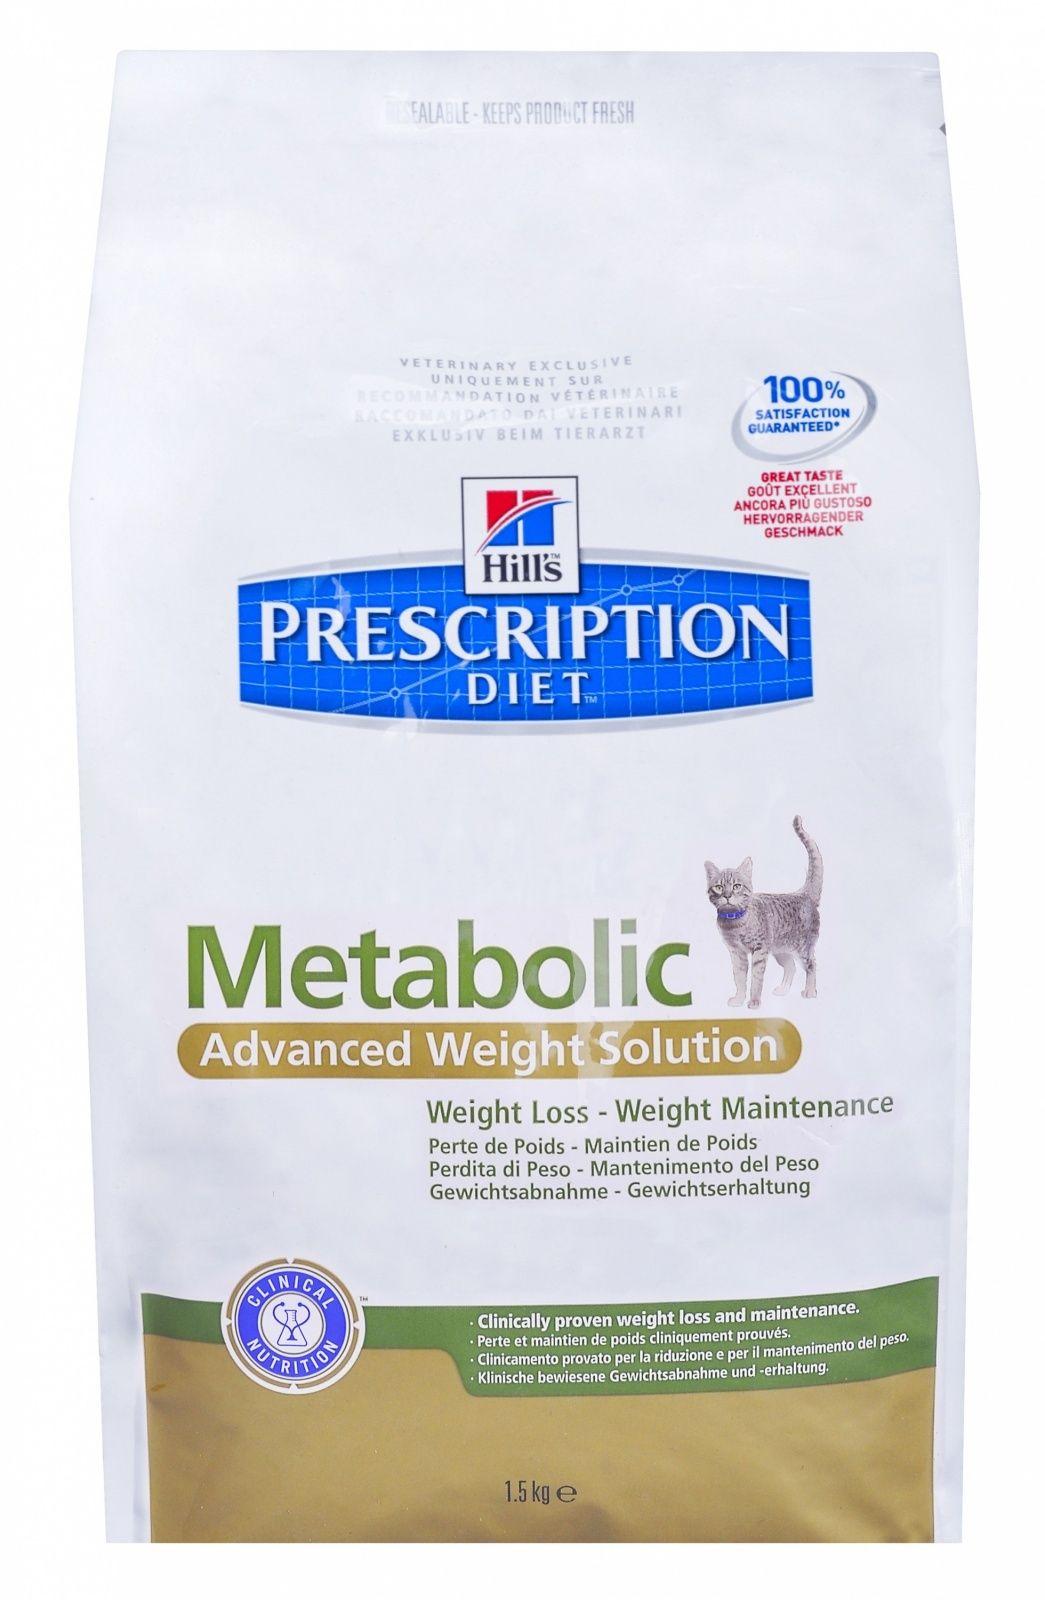 Диетический корм Hills Metabolic для Кошек - Улучшение метаболизма (коррекция веса), 4кгЛечебные корма<br><br><br>Артикул: 23605<br>Бренд: Hills<br>Вид: Сухие<br>Высота упаковки (мм): 0,43<br>Длина упаковки (мм): 0,29<br>Ширина упаковки (мм): 0,11<br>Вес брутто (кг): 4<br>Страна-изготовитель: США<br>Вес упаковки (кг): 4<br>Размер/порода: Для всех пород<br>Для кого: Кошки<br>Особая серия: Коррекция веса